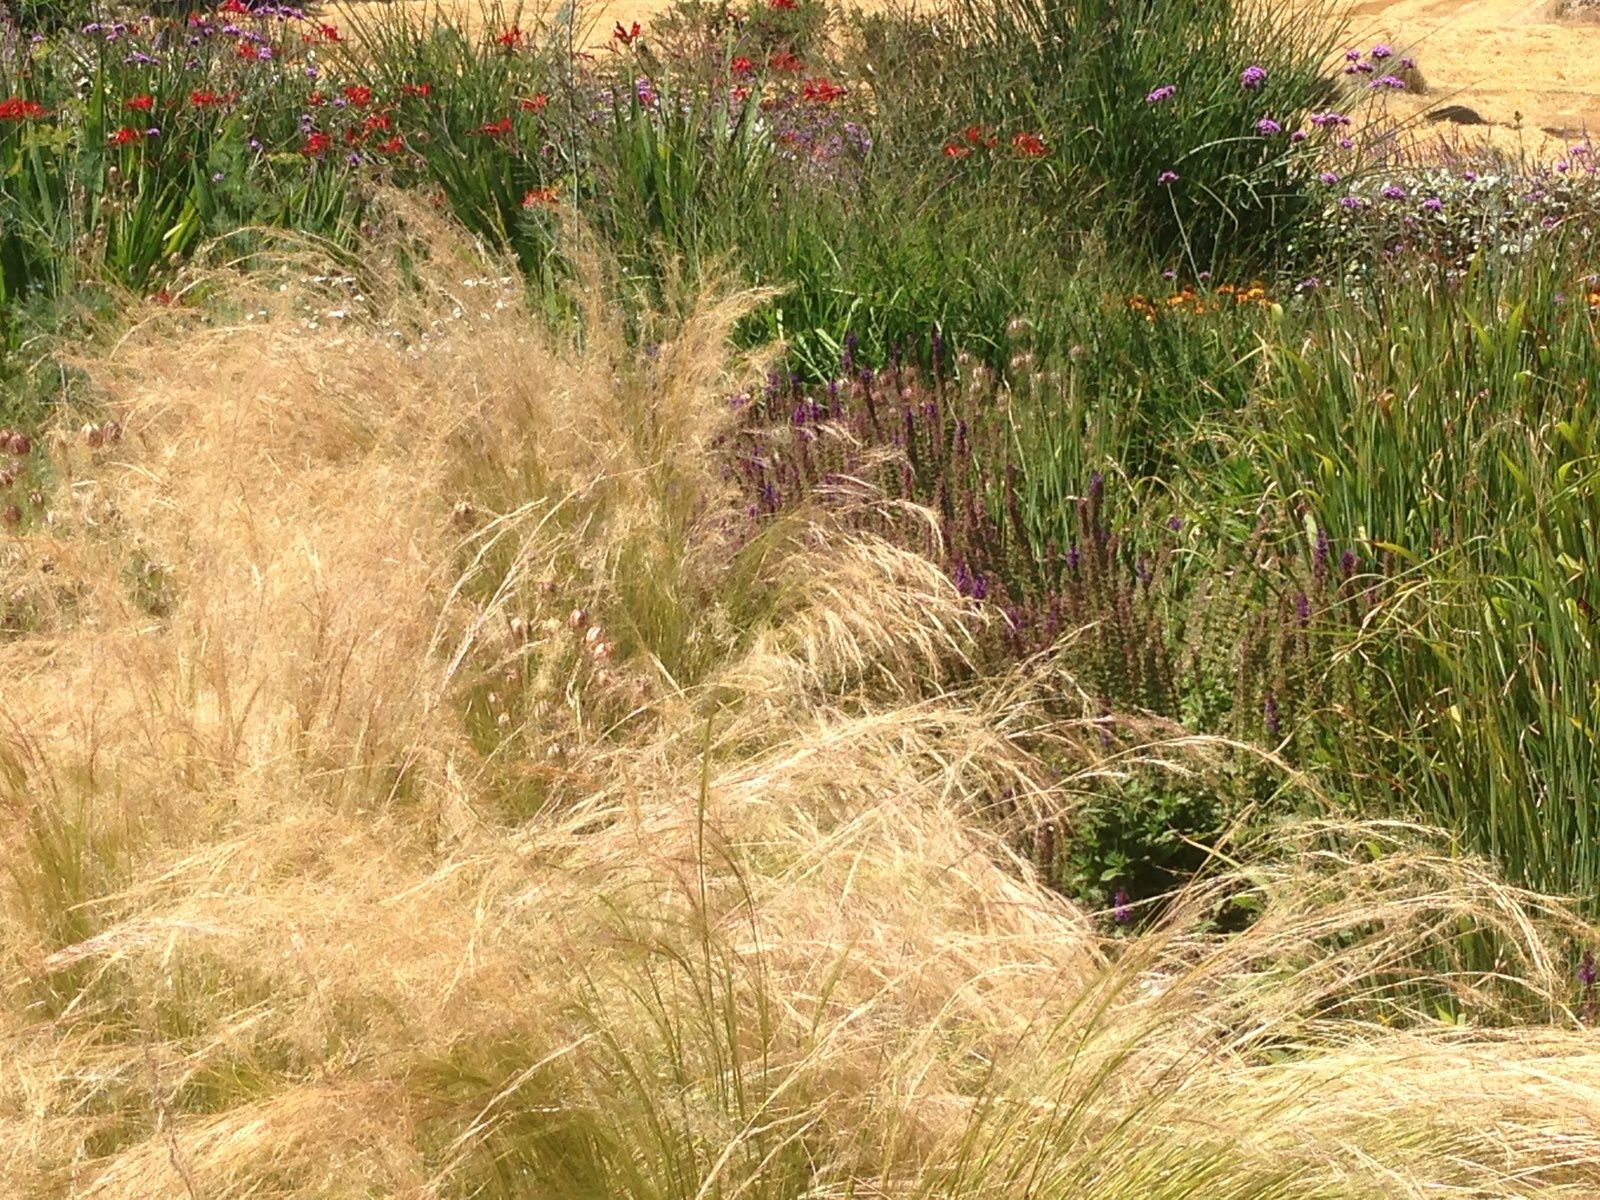 Les Stipa tenuissima ont une forte présence dans le jardin